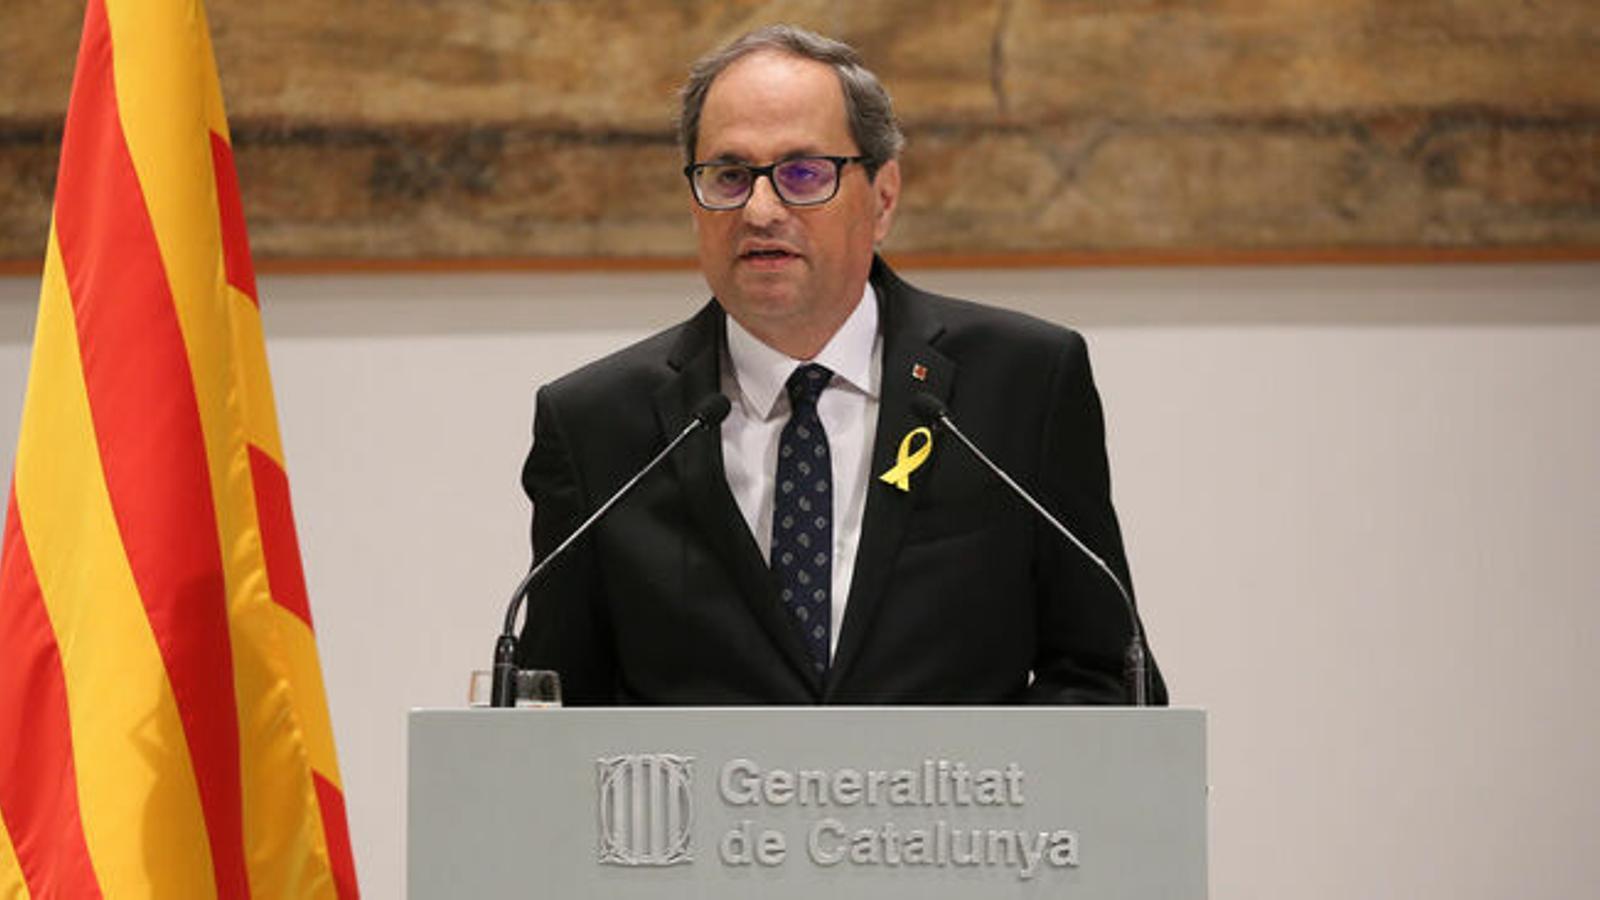 Generalitat-Quim-Torra-declaracio-institucional_2038006384_54768978_651x366